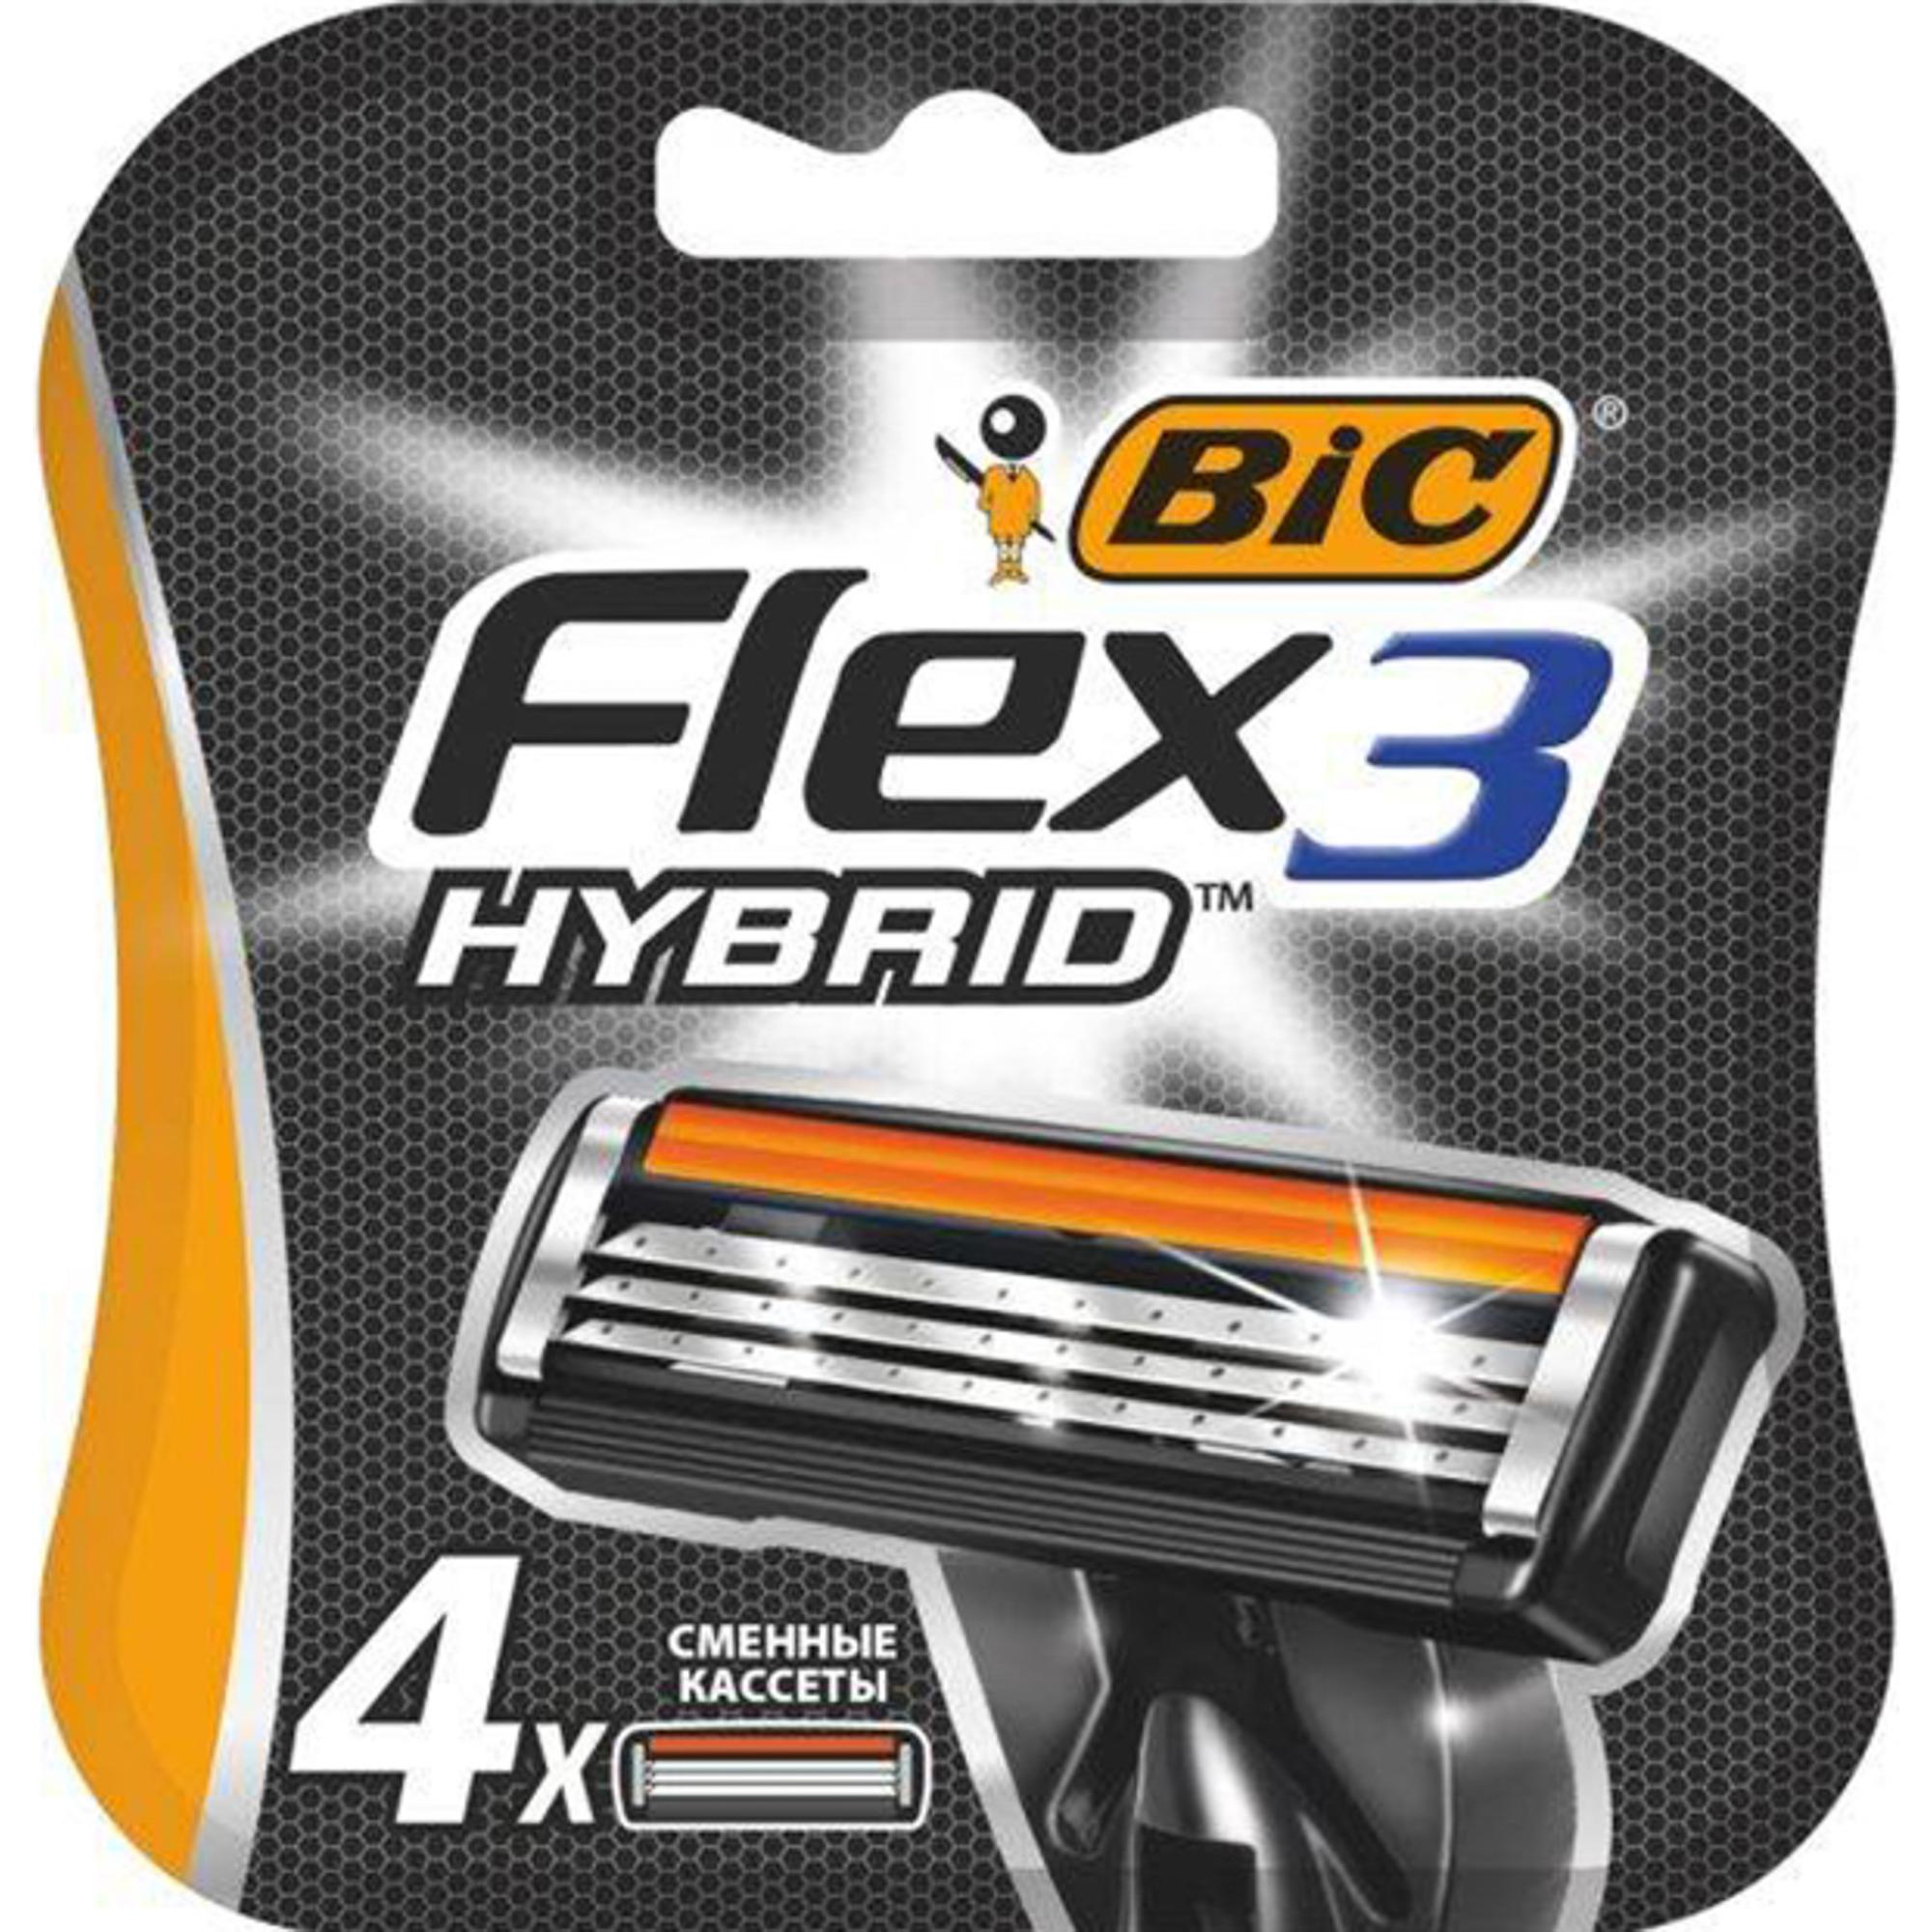 Сменные кассеты для бритья BIC Flex Hybrid 3 4 шт.